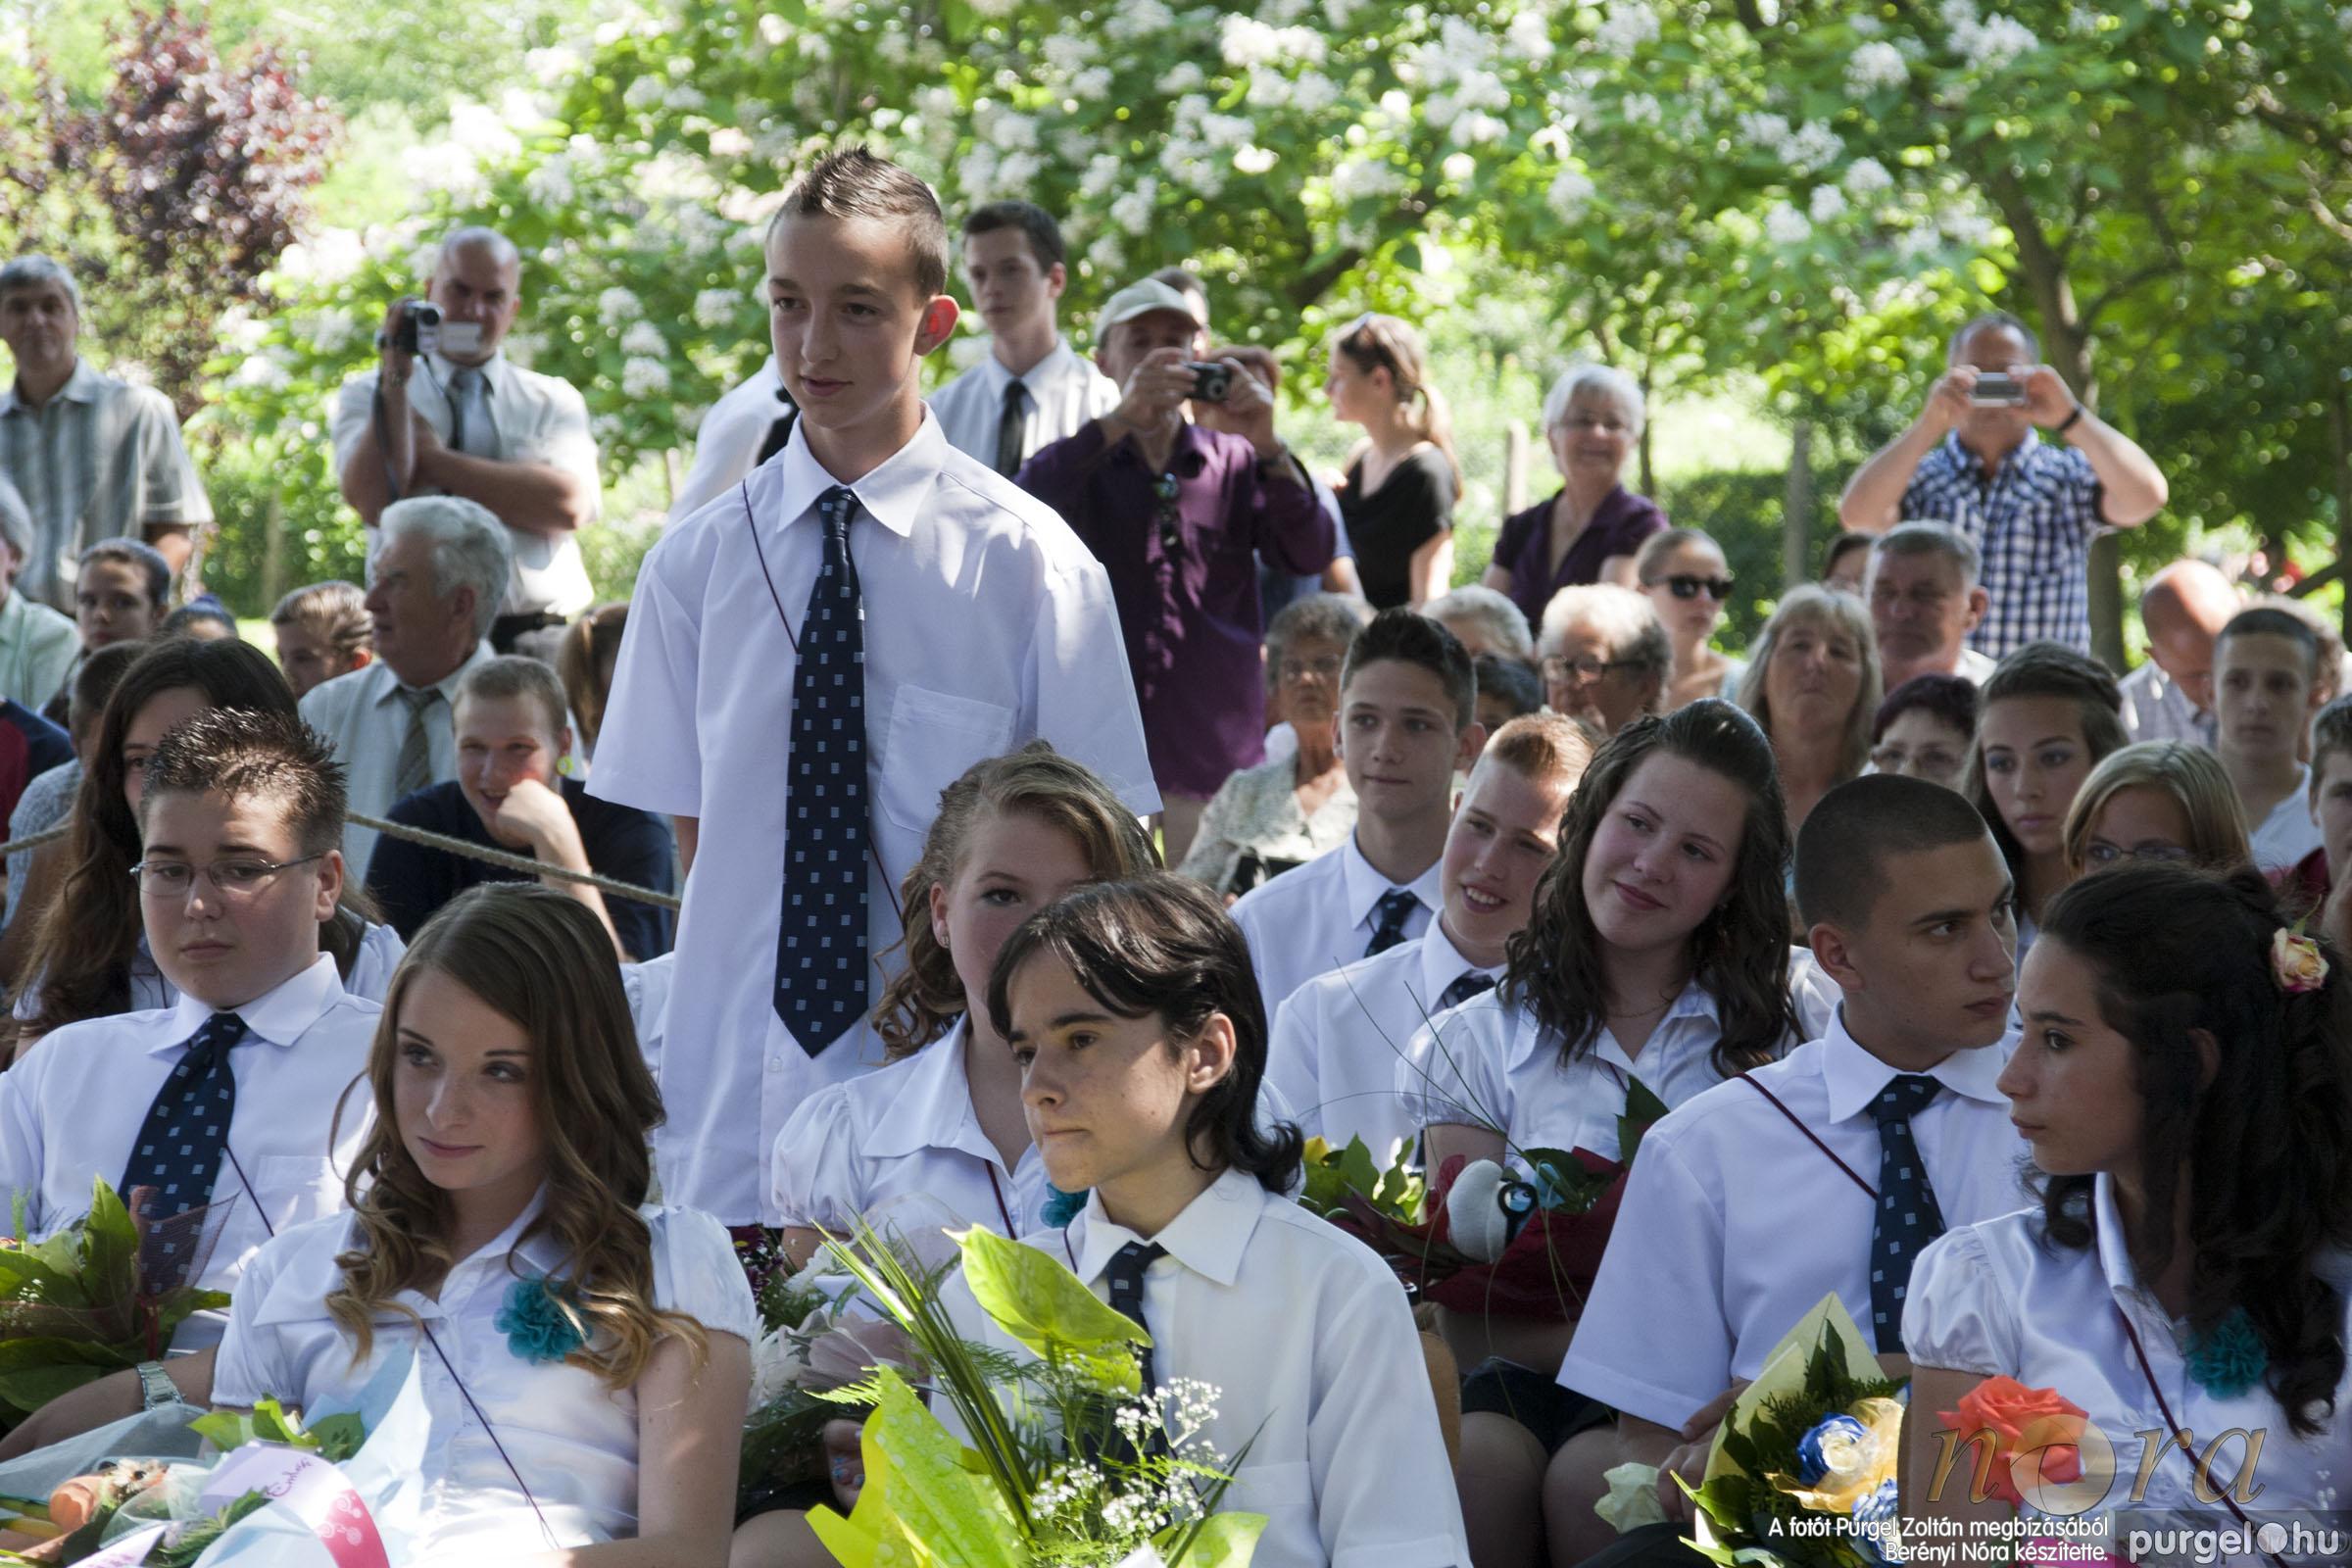 2013.06.15. 271 Forray Máté Általános Iskola ballagás 2013. - Fotó:BERÉNYI NÓRA© _MG_1351.JPG